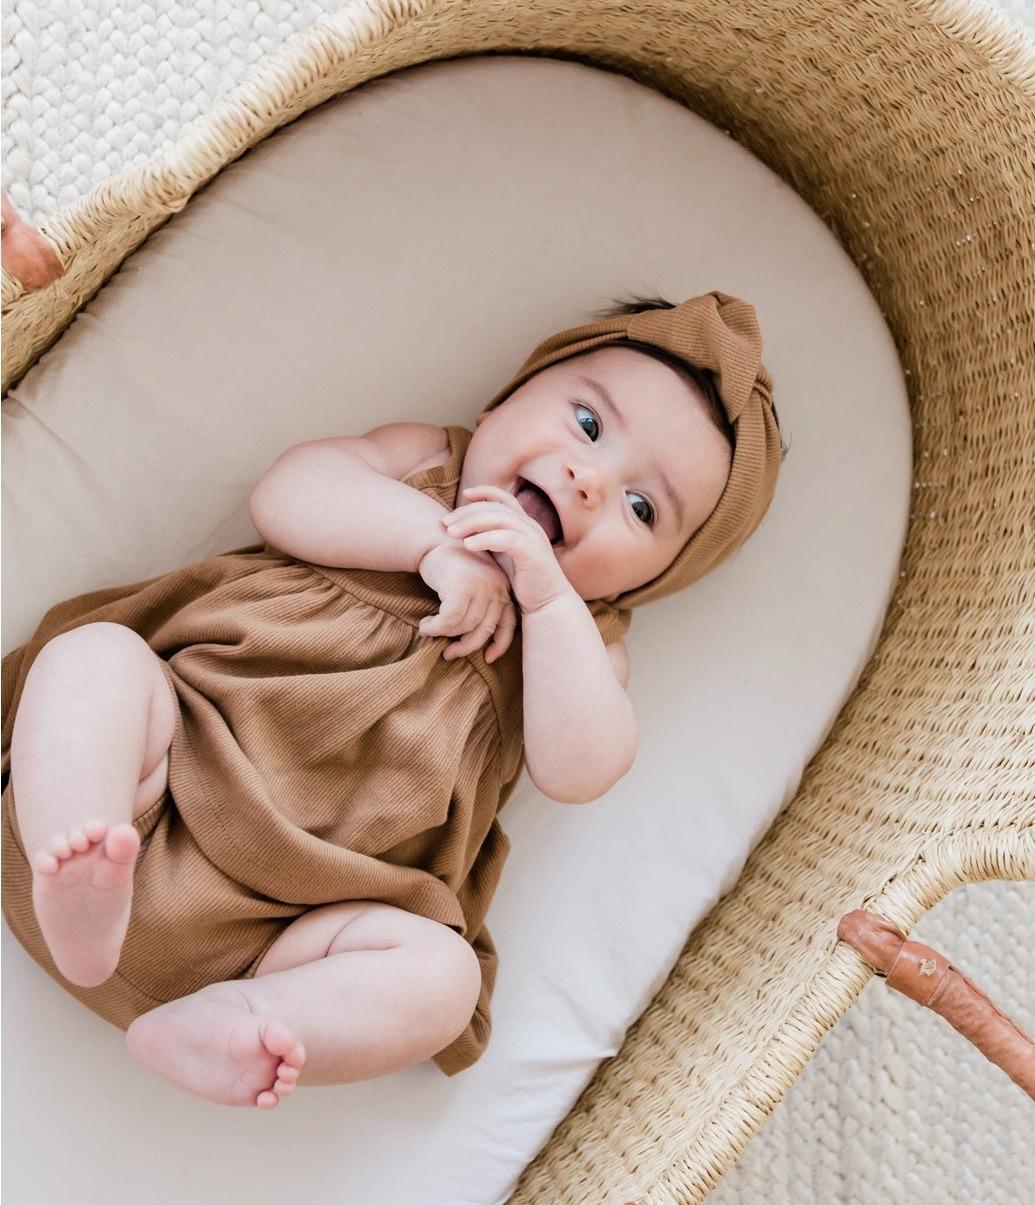 Baby Quincy Mae im Bettchen